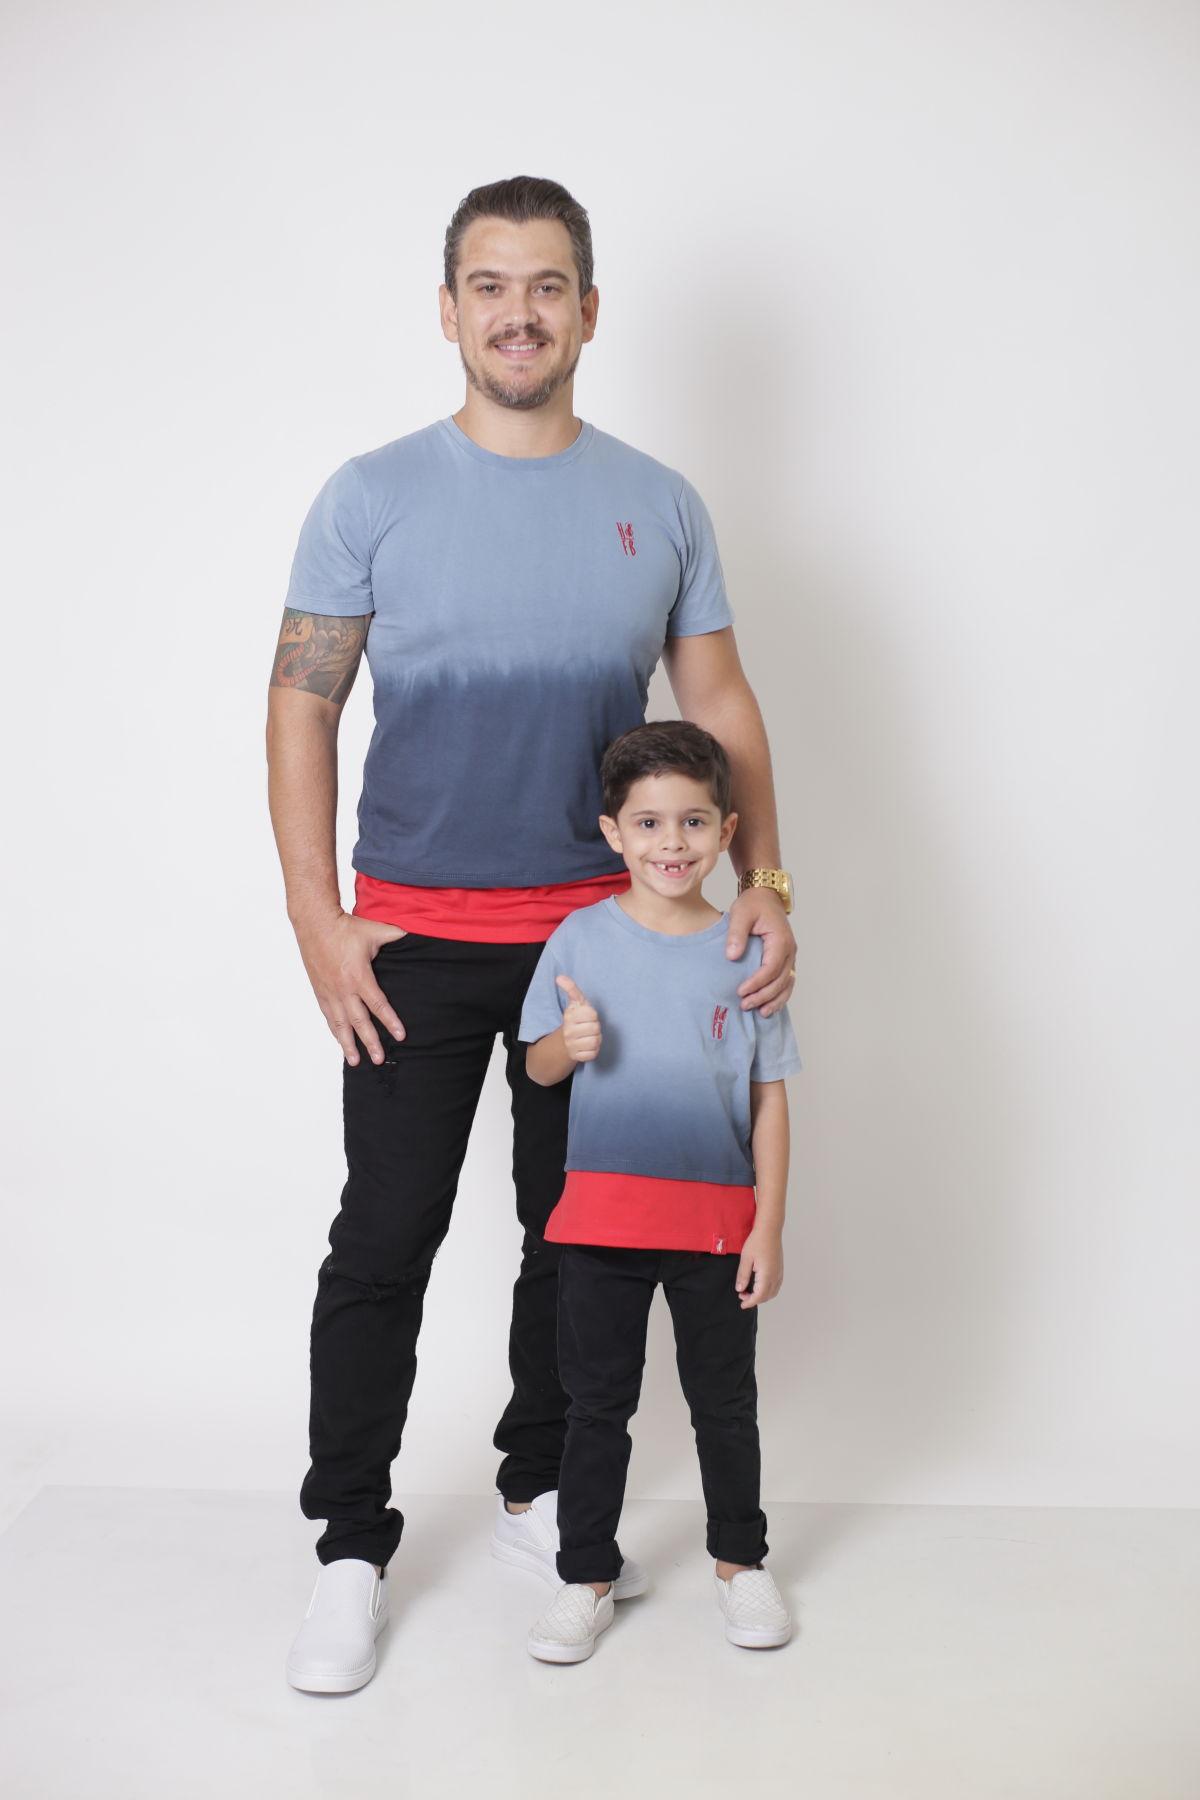 PAI E FILHO > 02 T-Shirts - Degradê [Coleção Tal Pai Tal Filho]